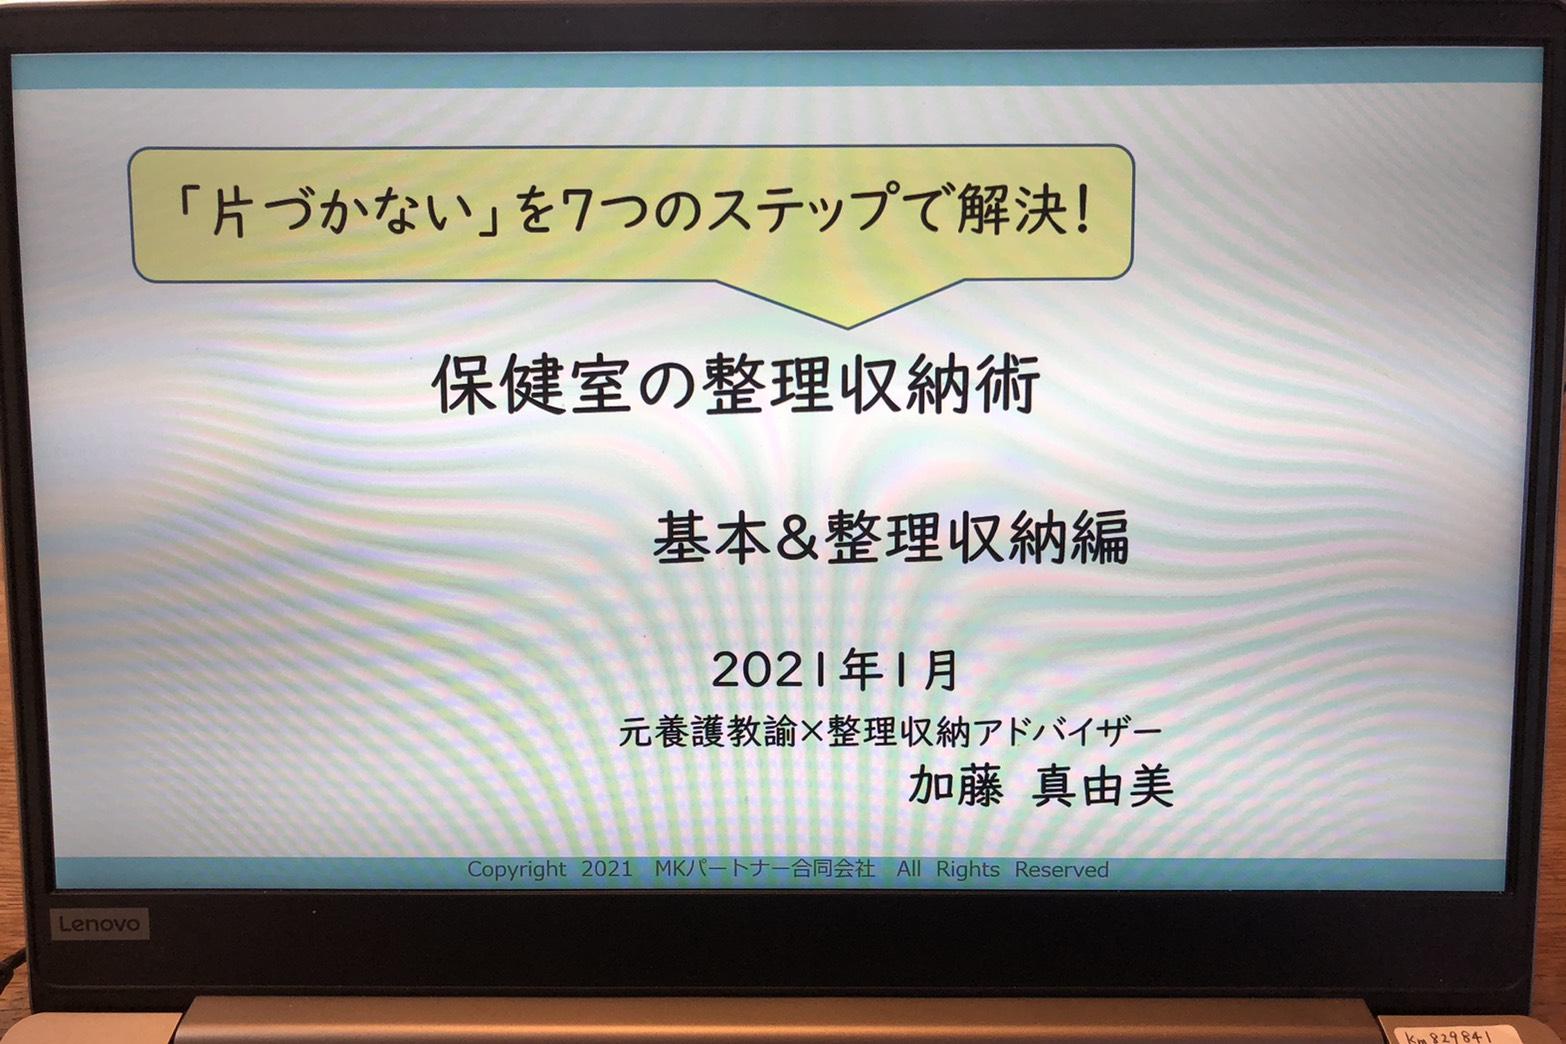 保健室の整理収納術連続講座 第1回開催報告